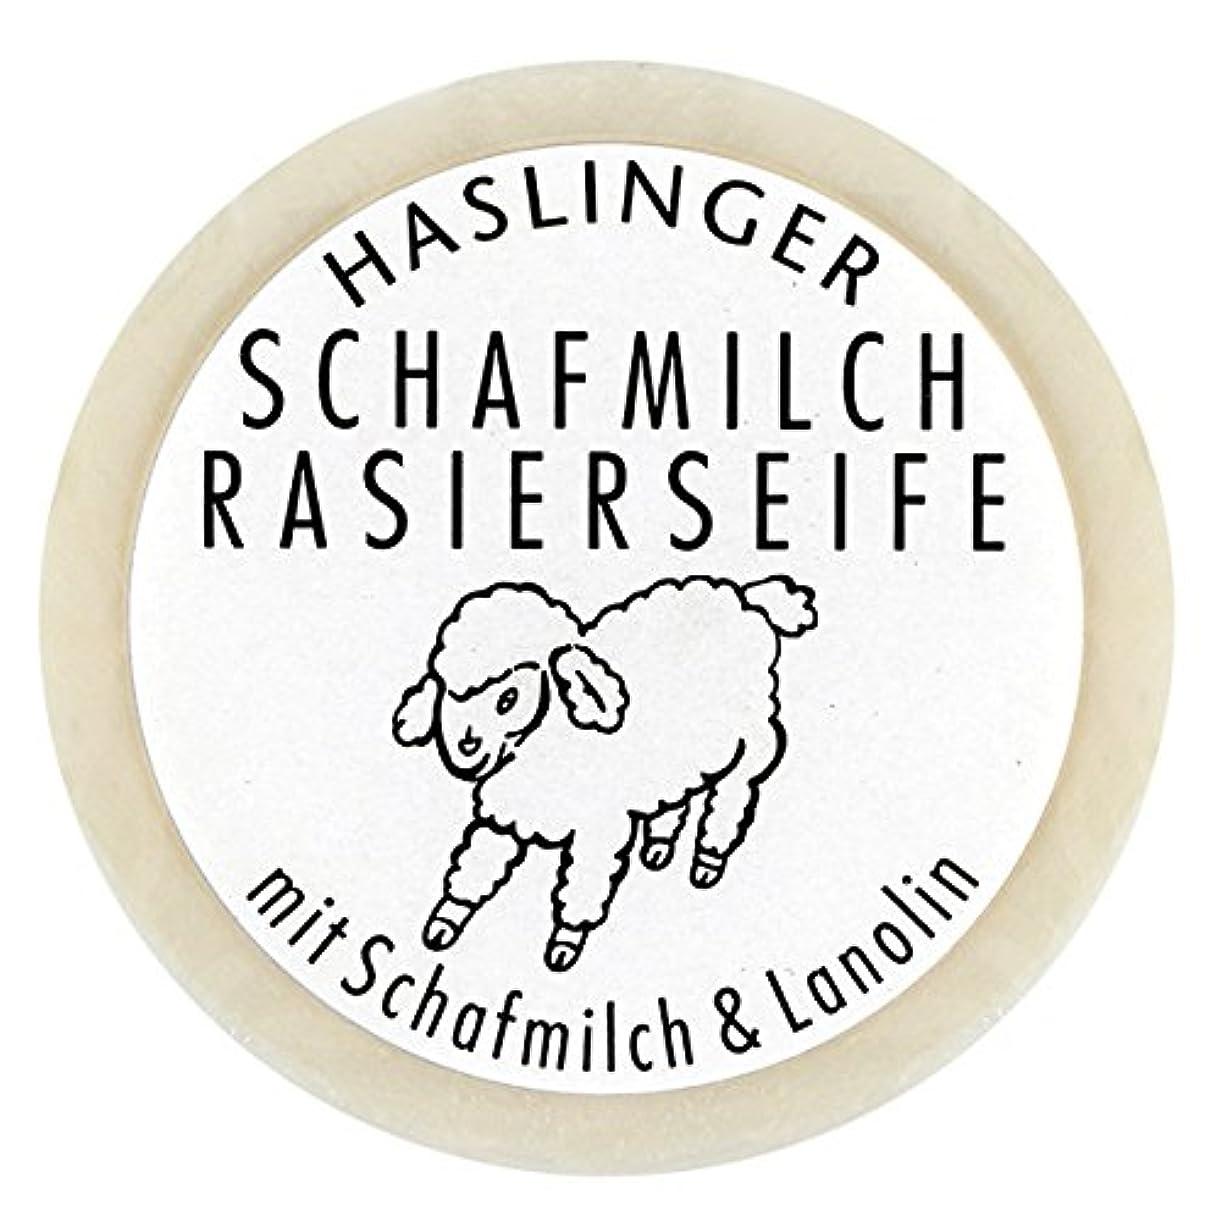 人照らすサルベージSchafmilch Rasierseife (Ewe`s Milk Shave Soap) 60g soap bar by Haslinger by Haslinger